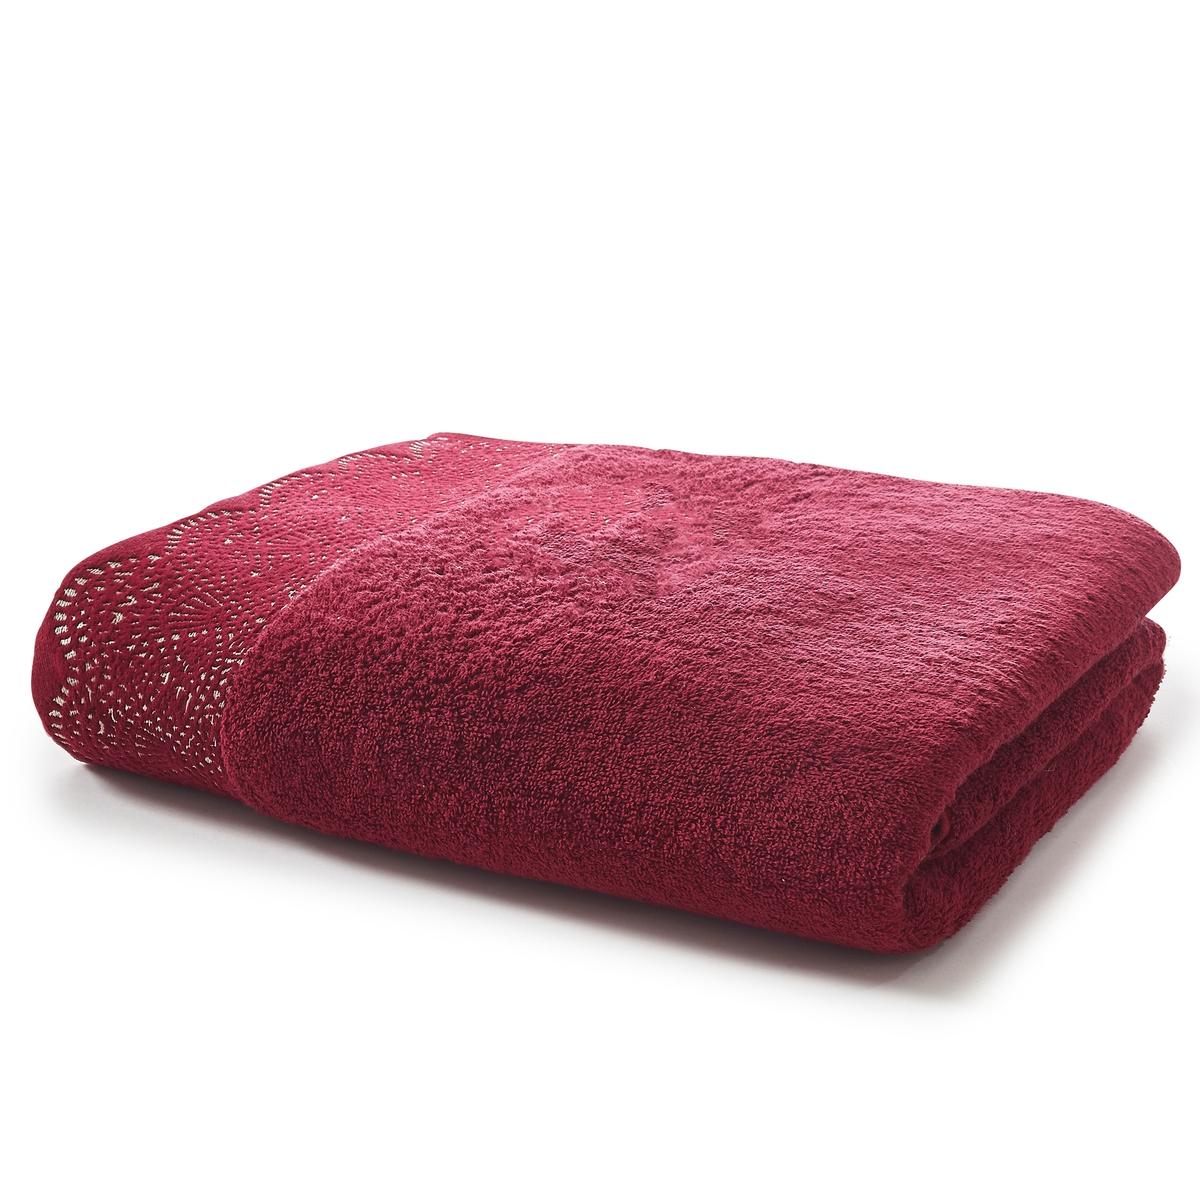 Полотенце банное из махровой ткани 500 г/м², DENTELLE